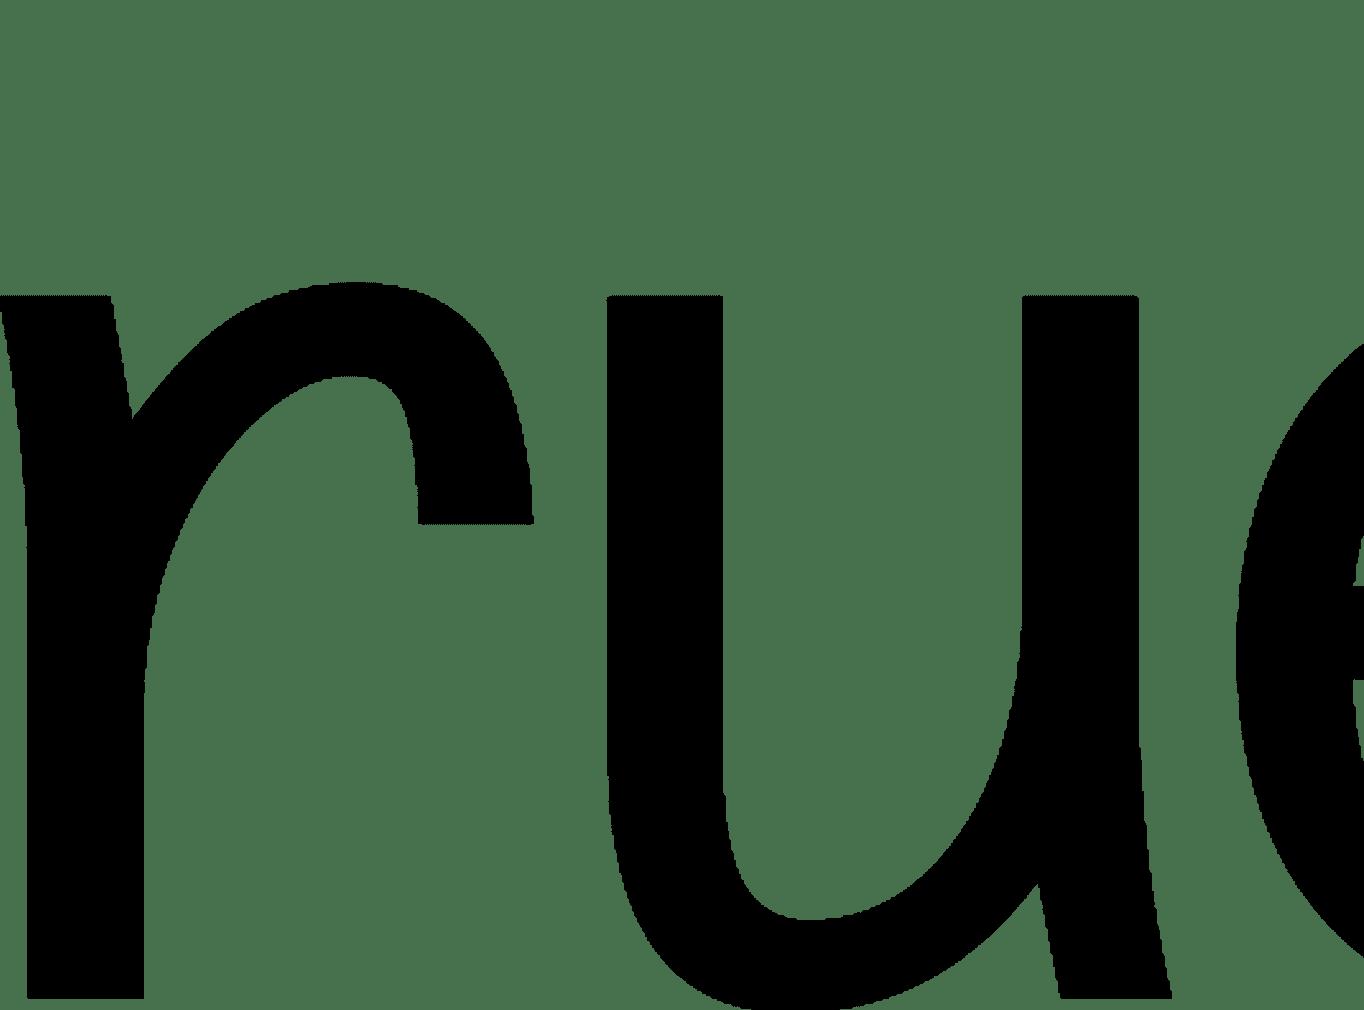 bob官方官网accruent  -bob体育连串过关 资源 - 新闻稿/新闻 - 零售商Rue21使用Accruent的Lucernex软件管理租赁会计合规性 - 英雄